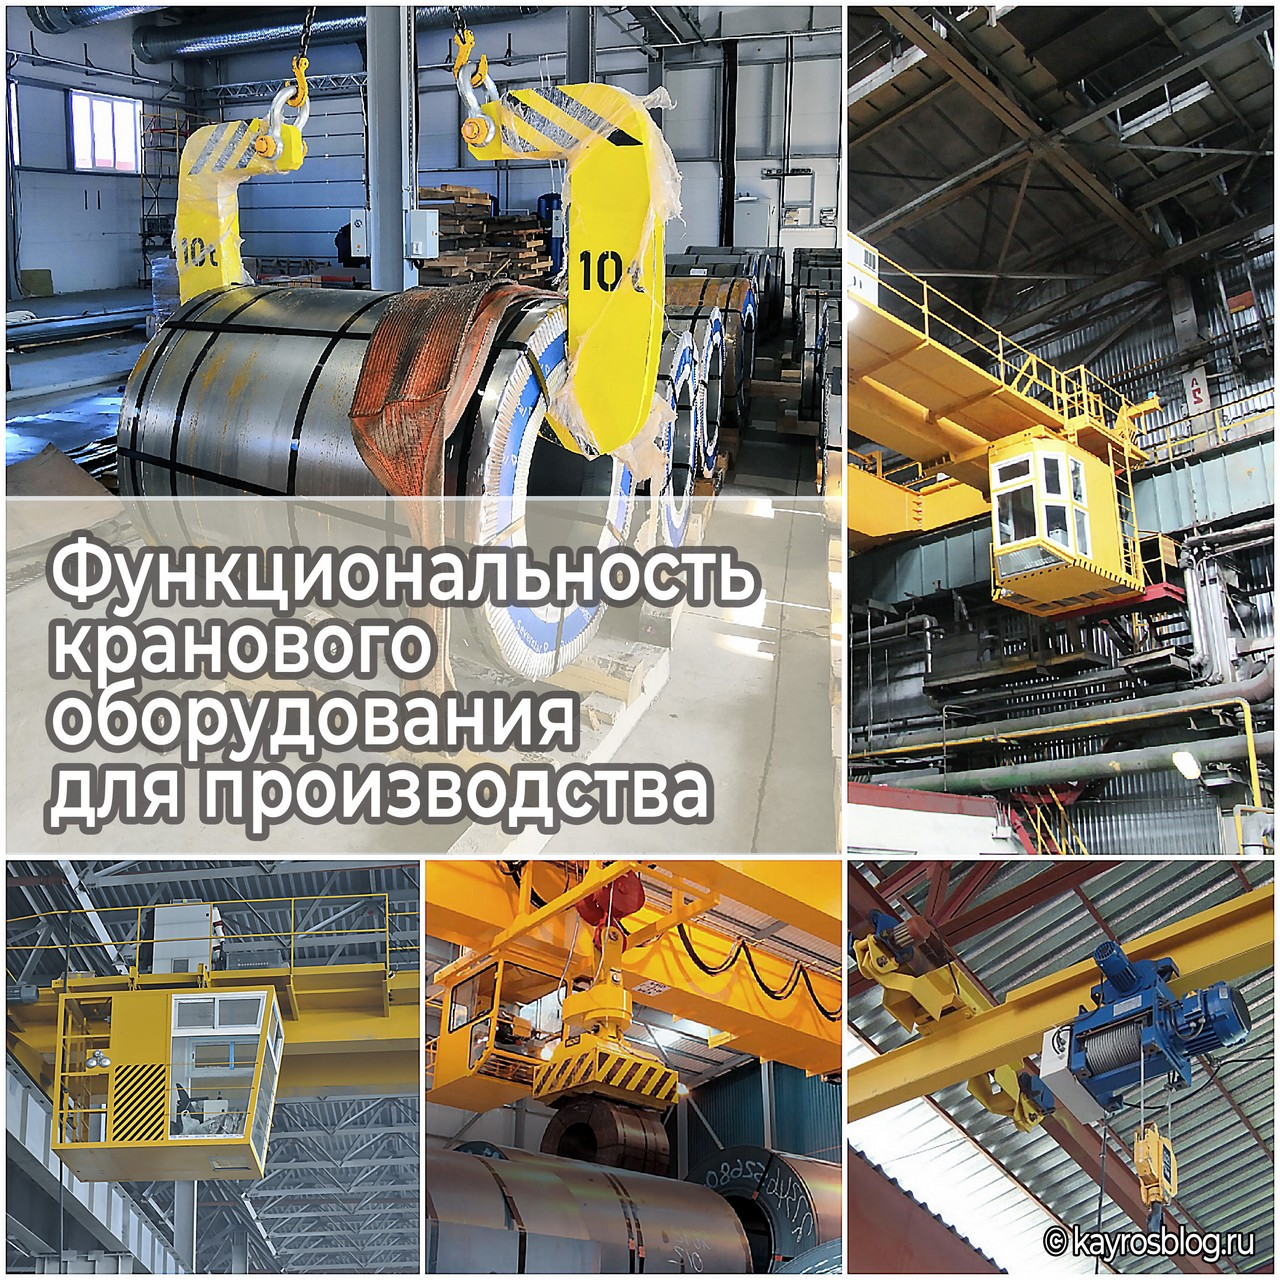 Функциональность кранового оборудования для производства